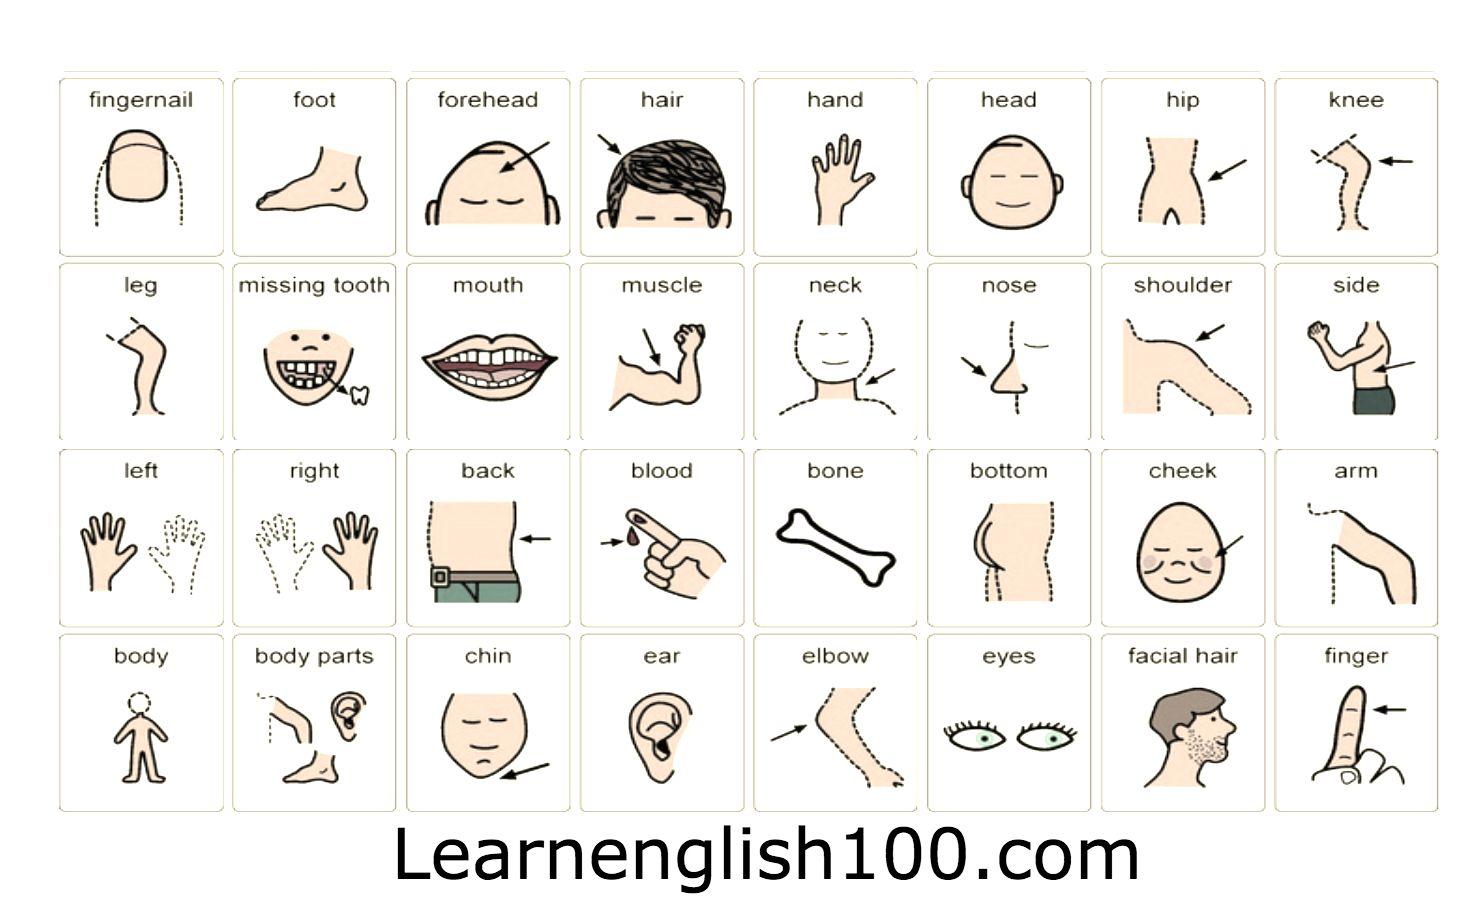 اعضاء الجسم بالانجليزي والعربي بالصور و مترجم Learn English Learning Vocabulary